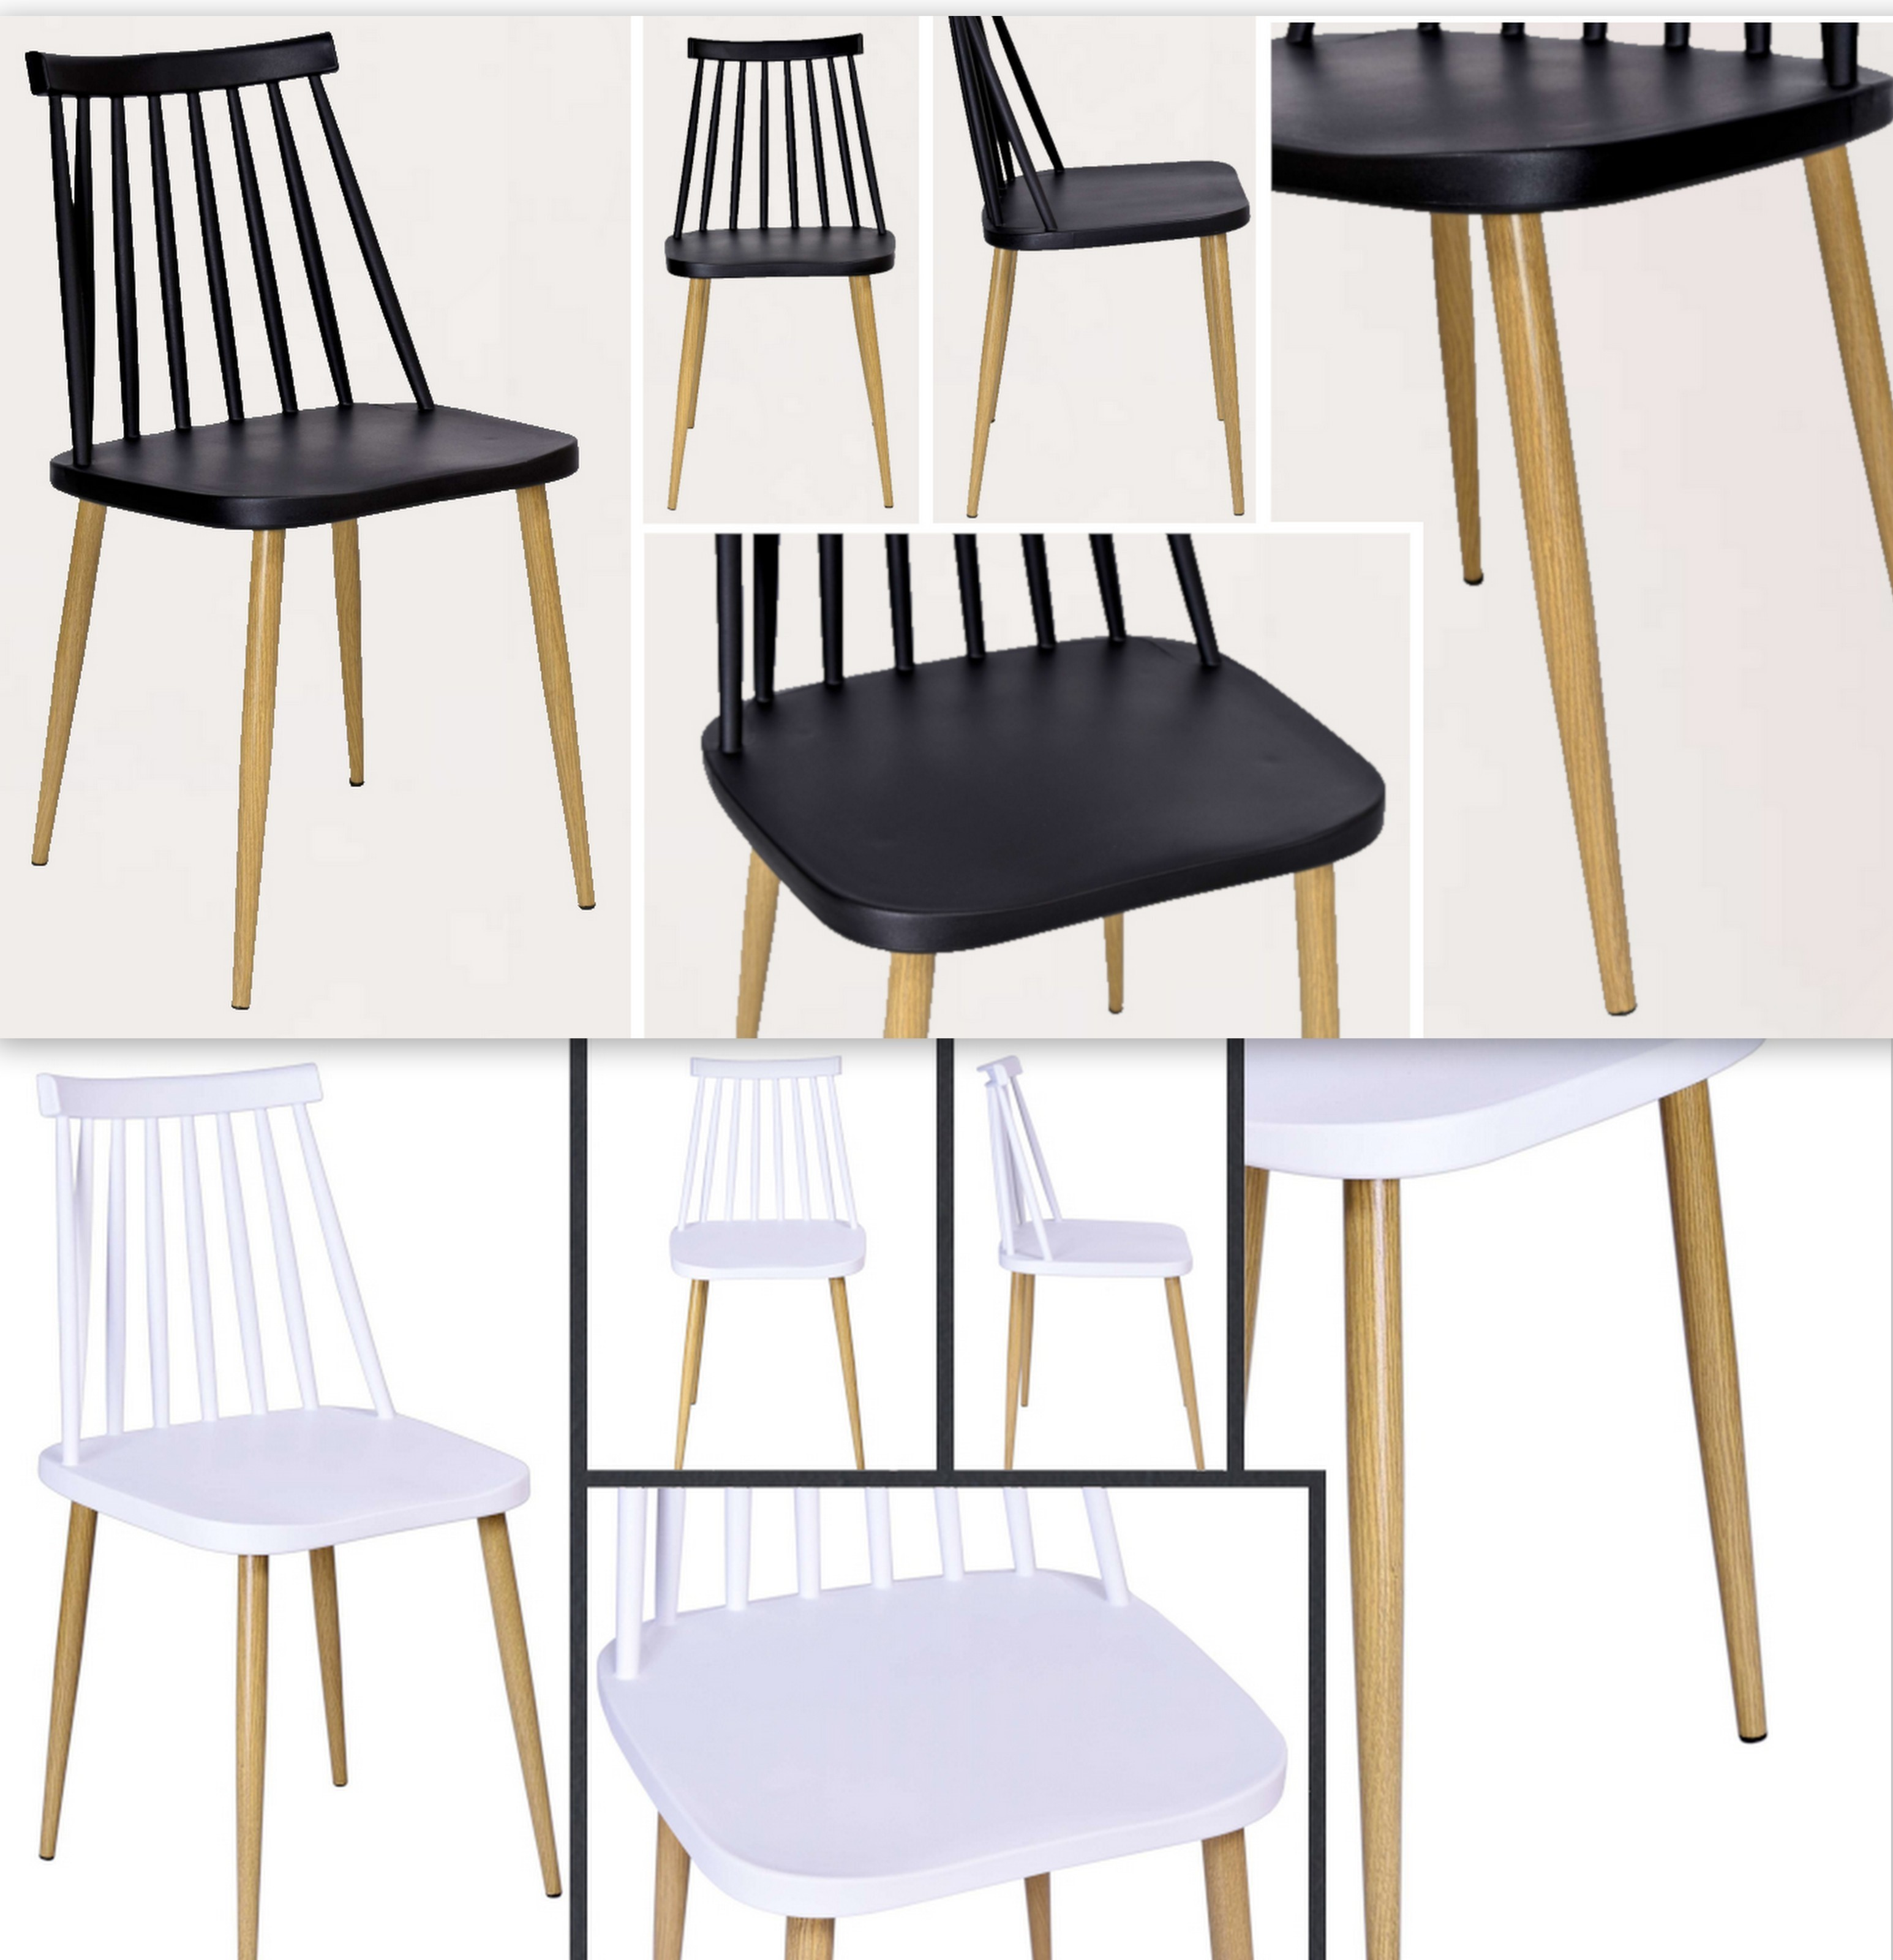 Jak Wybrać Krzesła Do Domu Czyli Krzesłami Każdy Dom Stoi